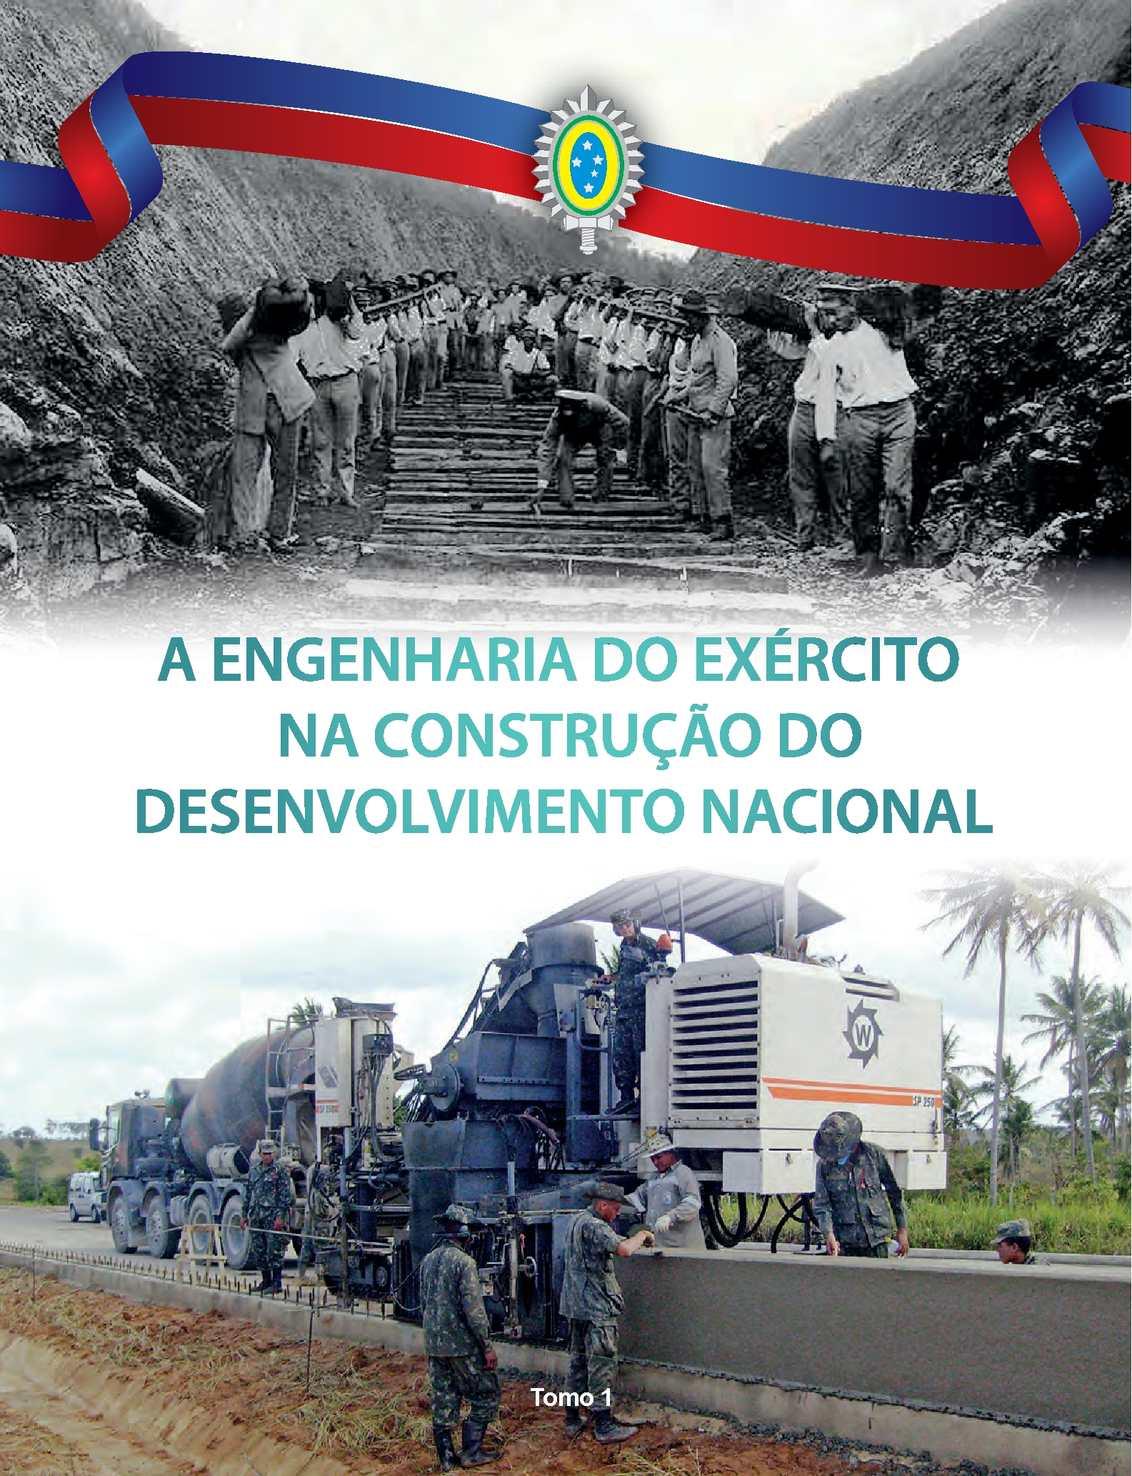 030b9320d0d Calaméo - Tomo 1 - A Engenharia do Exército na Construção do  Desenvolvimento Nacional